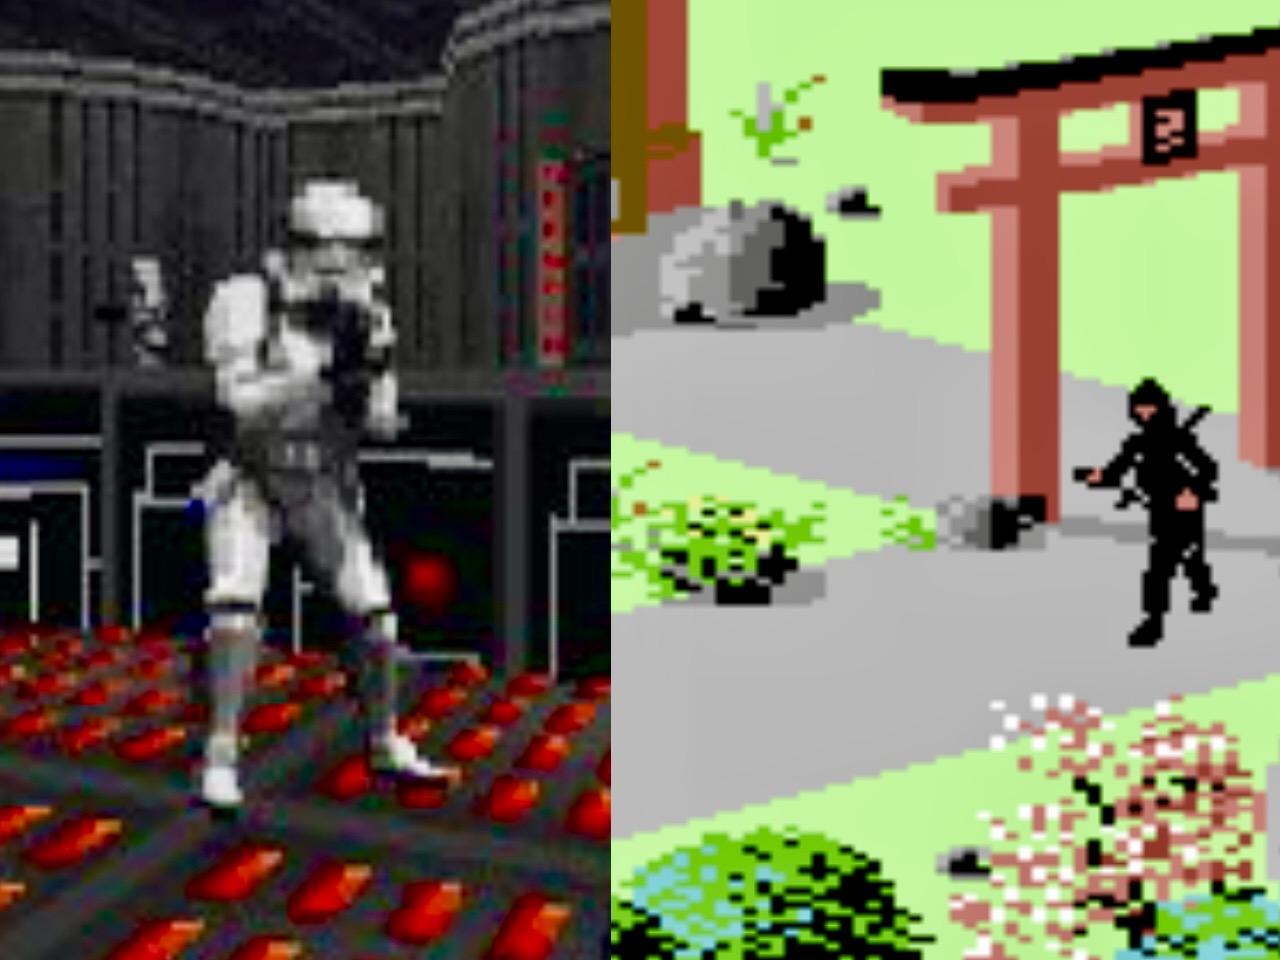 Von weit entfernten Galaxien bis zurück ins mittelalterliche Japan, vom Ego-Shooter Dark Forces zum isometrischen Sammel-Abenteuerspiel The Last Ninja - wer beim Spielen scheitert, verliert seine Existenz in virtuellen Welten. (Bild: Andreas Wanda)